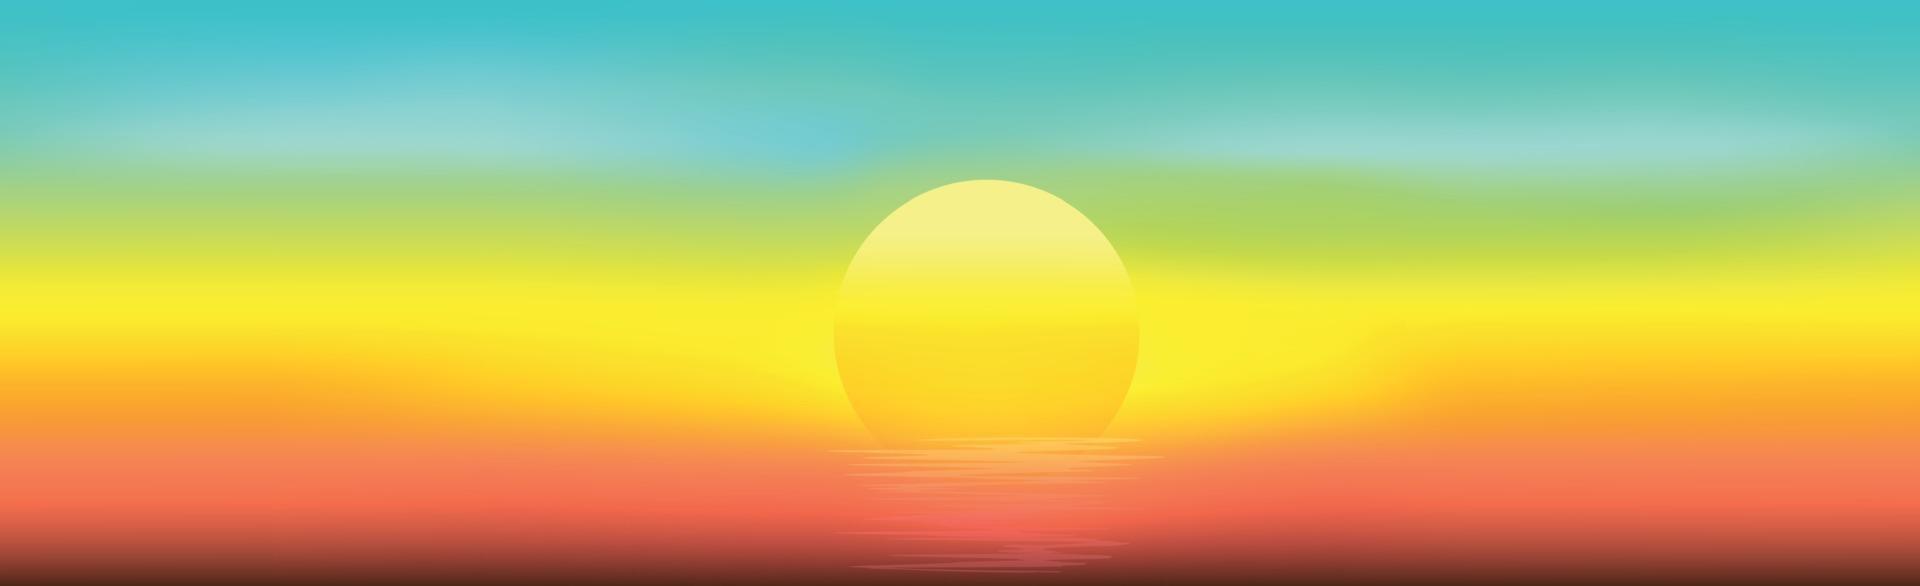 panorama do pôr do sol e brilho na água - ilustração vetor